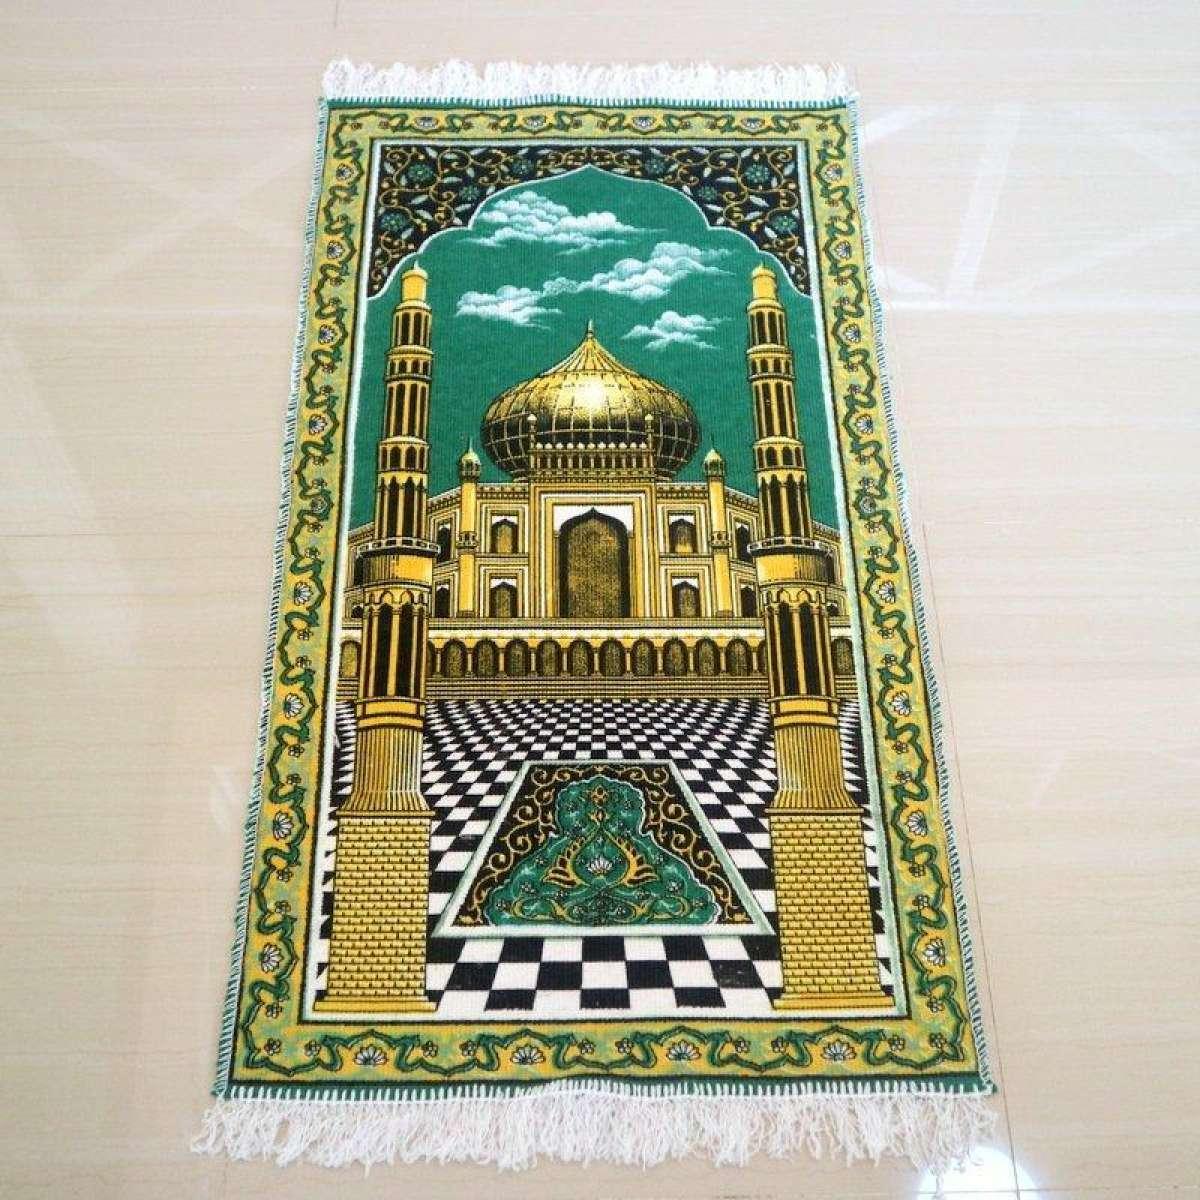 Baju Muslim Original Sajadah Travel Wol Praktis Dan Simple Alas Sholat Modern Terbaru Sejadah Dewasa Import Tebal Halus Anti Selip Sajadah Lipat Mudah Di Bawa Flaxible